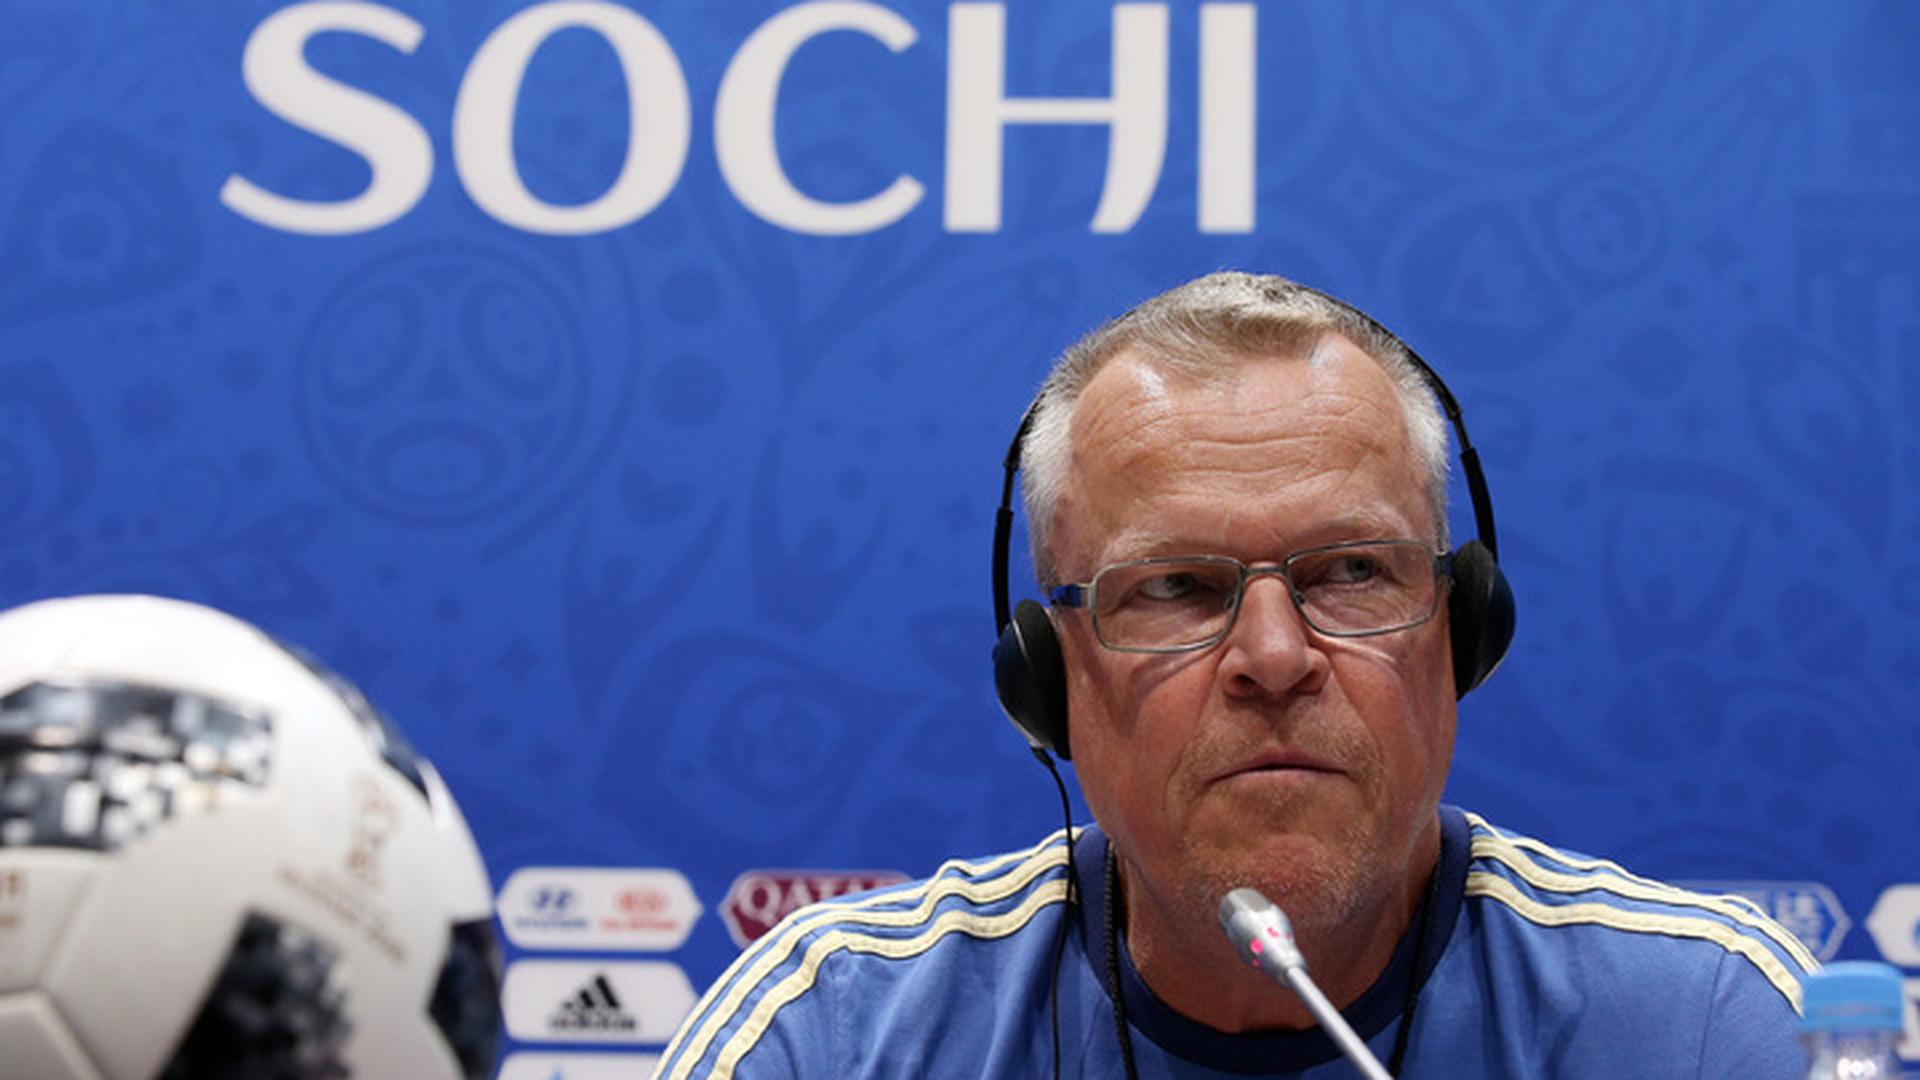 Тренер сборной Швеции Андерссон: англичане смогут дойти до самого конца